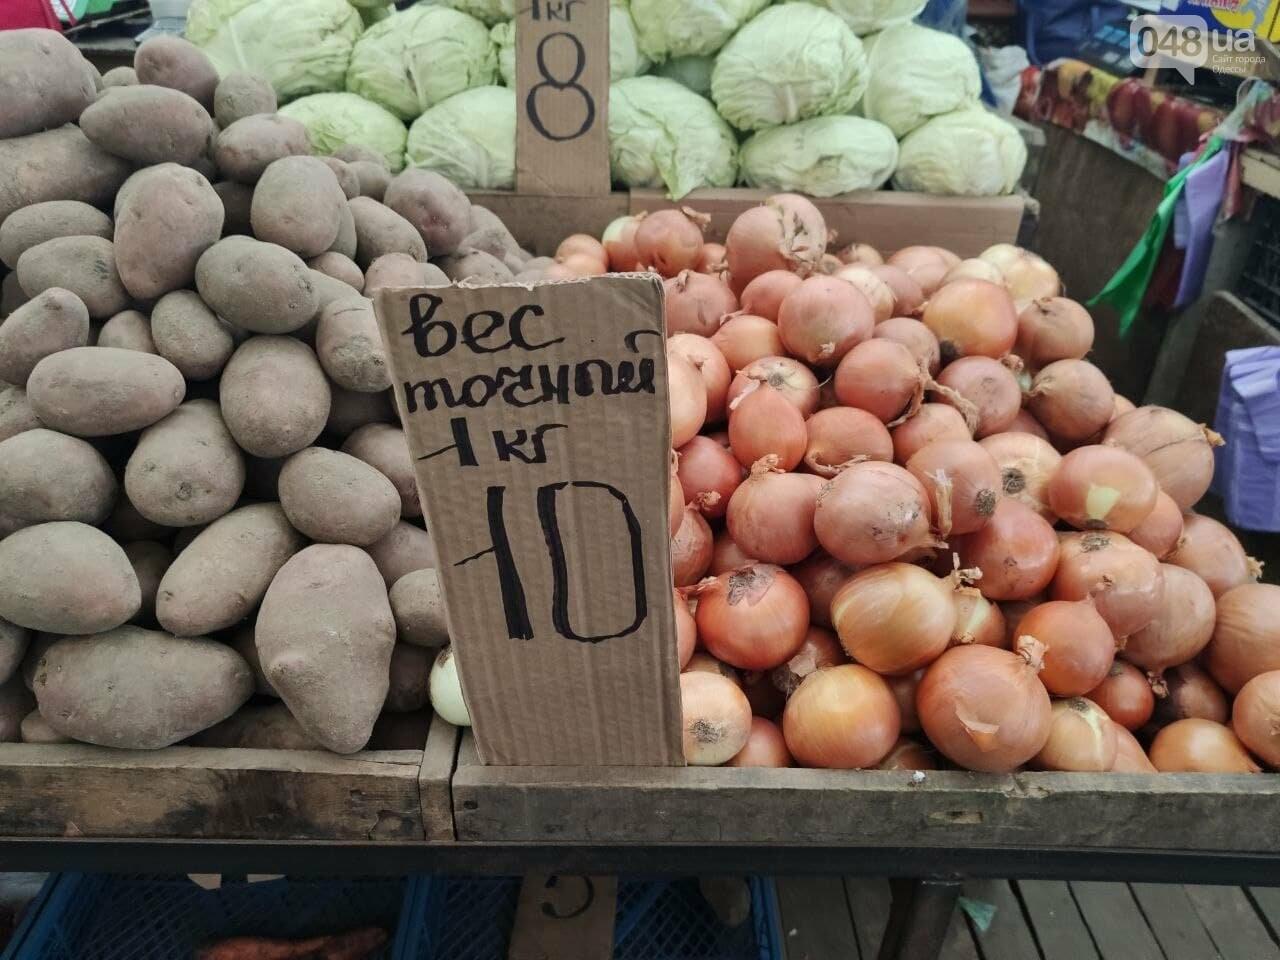 Ананас, грейпфрут, кабачки: почем на одесском Привозе овощи и фрукты, - ФОТО, фото-2